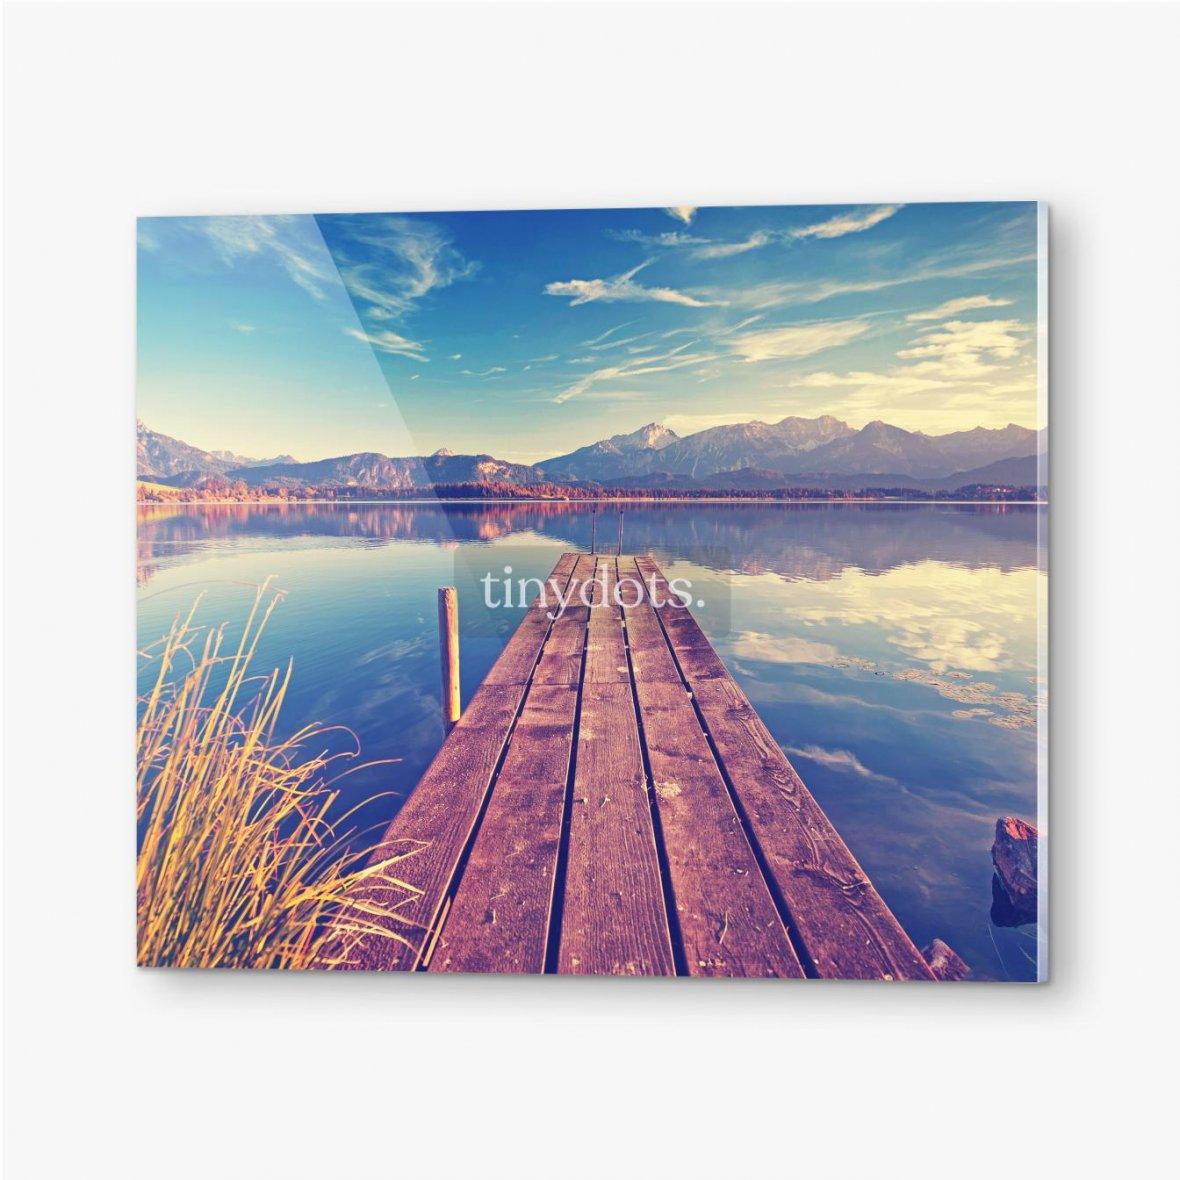 Bilder auf Acrylglas Pier über den See vor dem Hintergrund der Berge